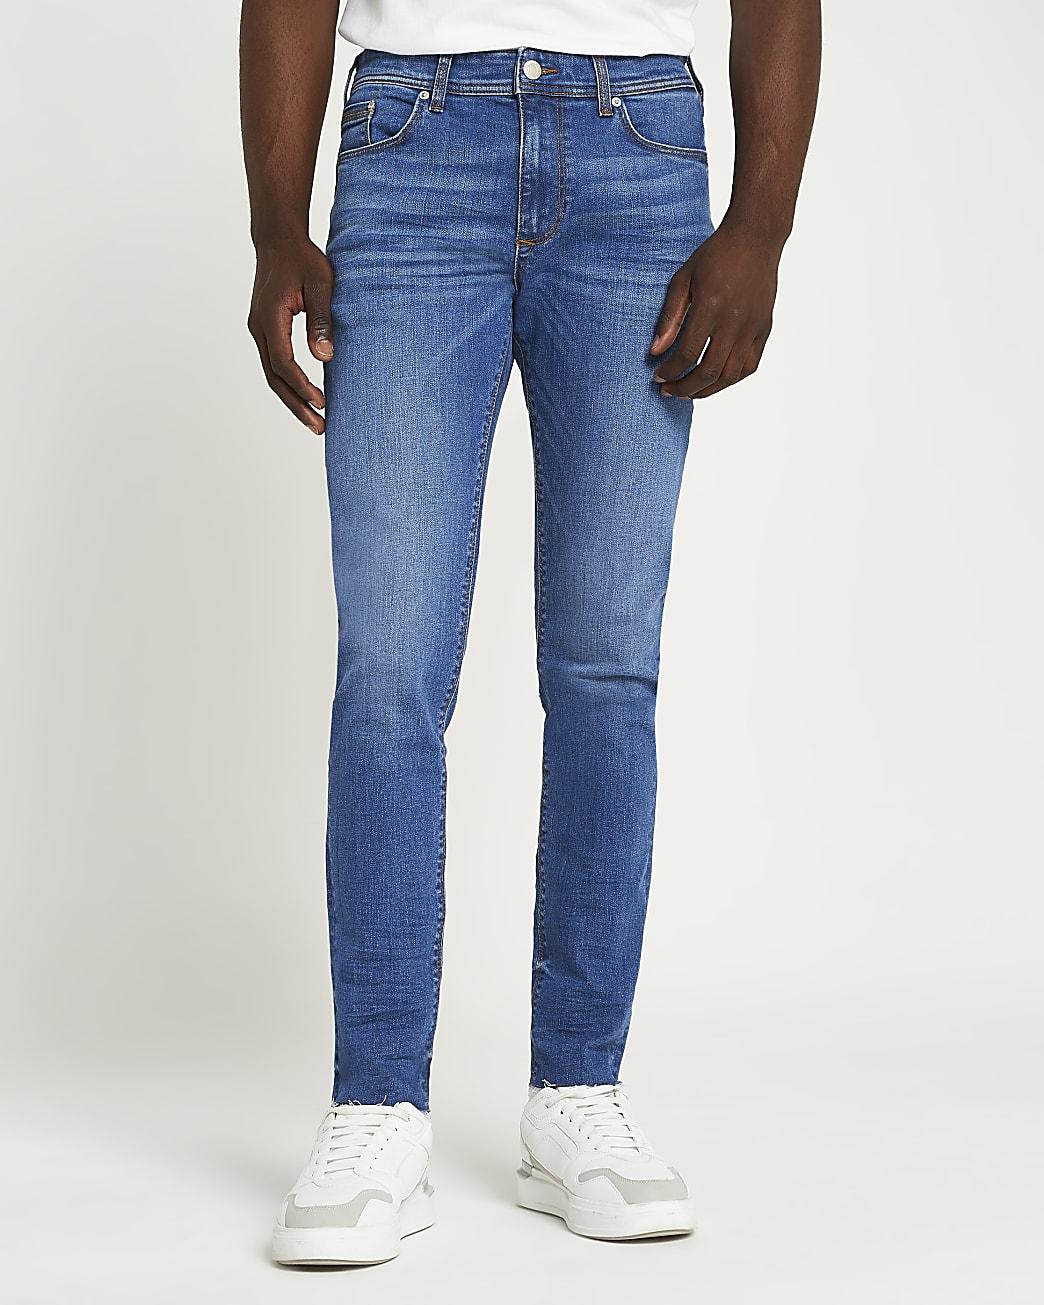 Blue skinny fit raw hem jeans